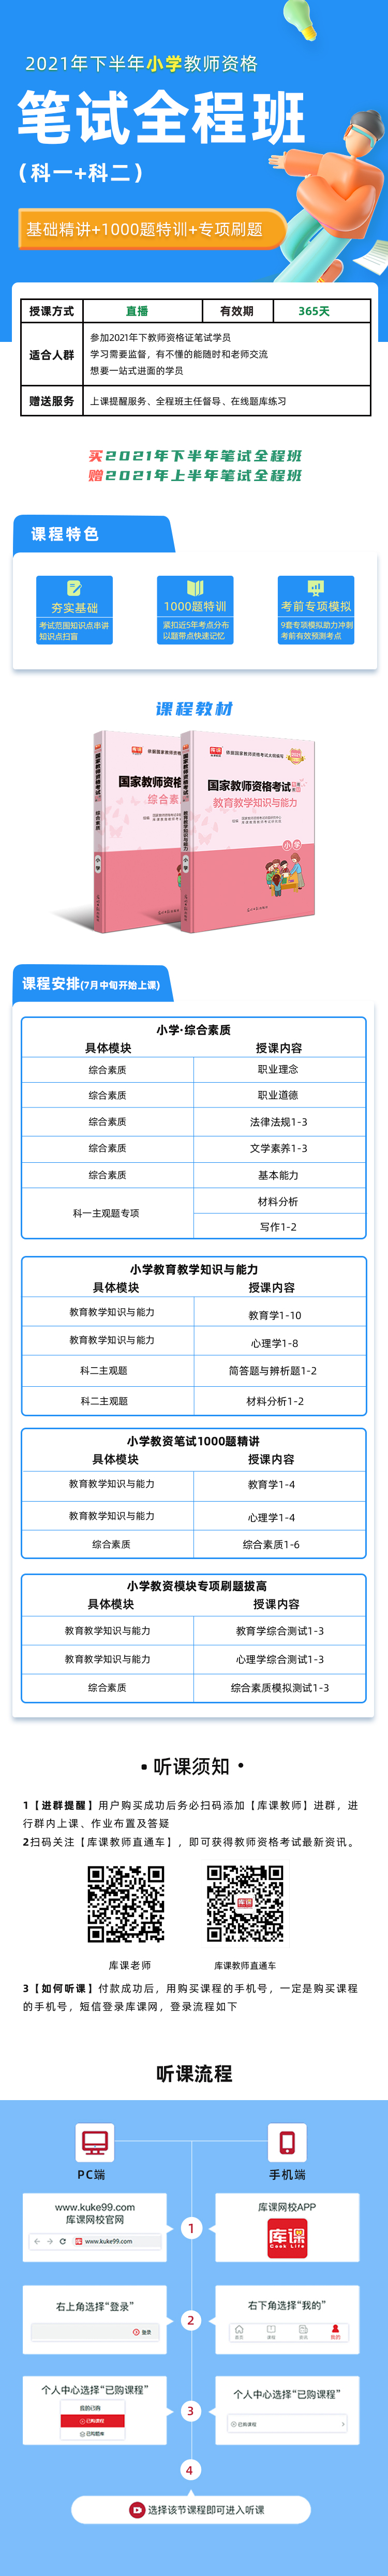 小学笔试全程班详情页7.1.jpg